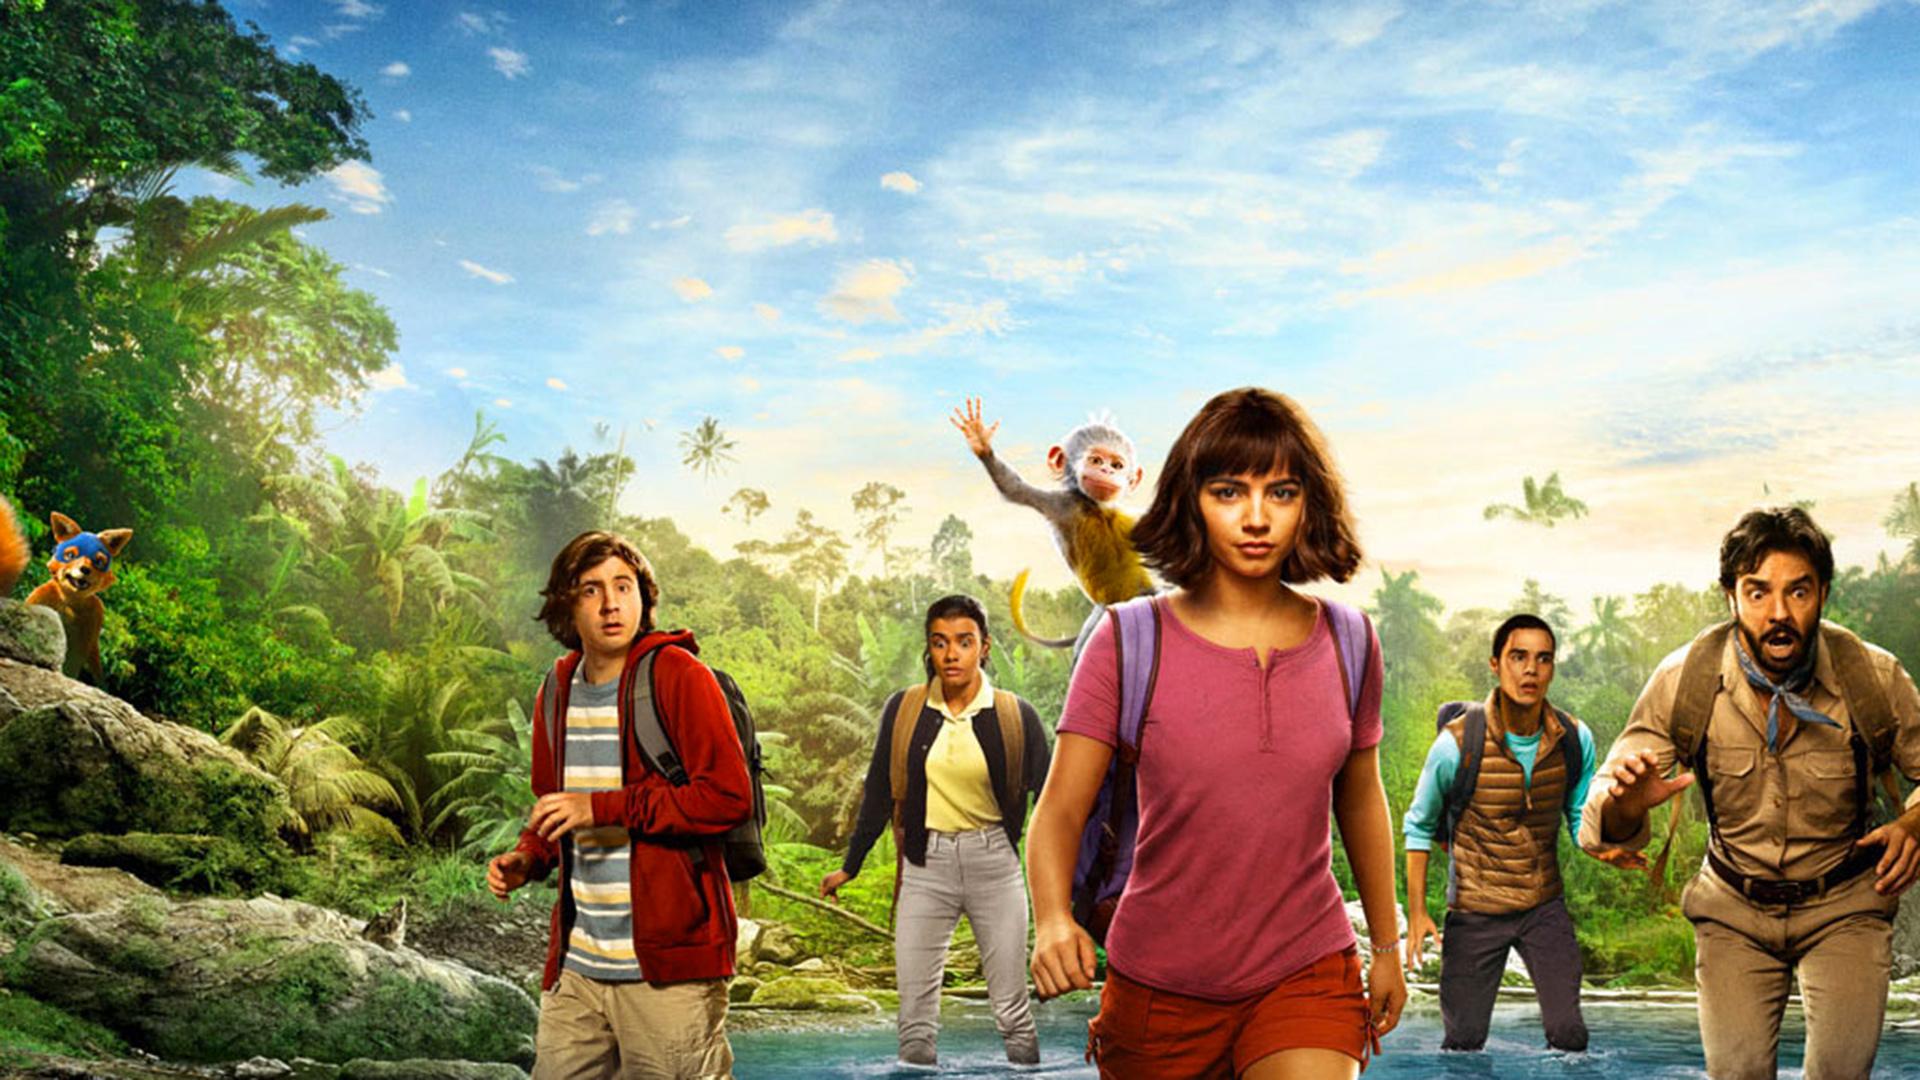 Dora e la città perduta: online il nuovo trailer